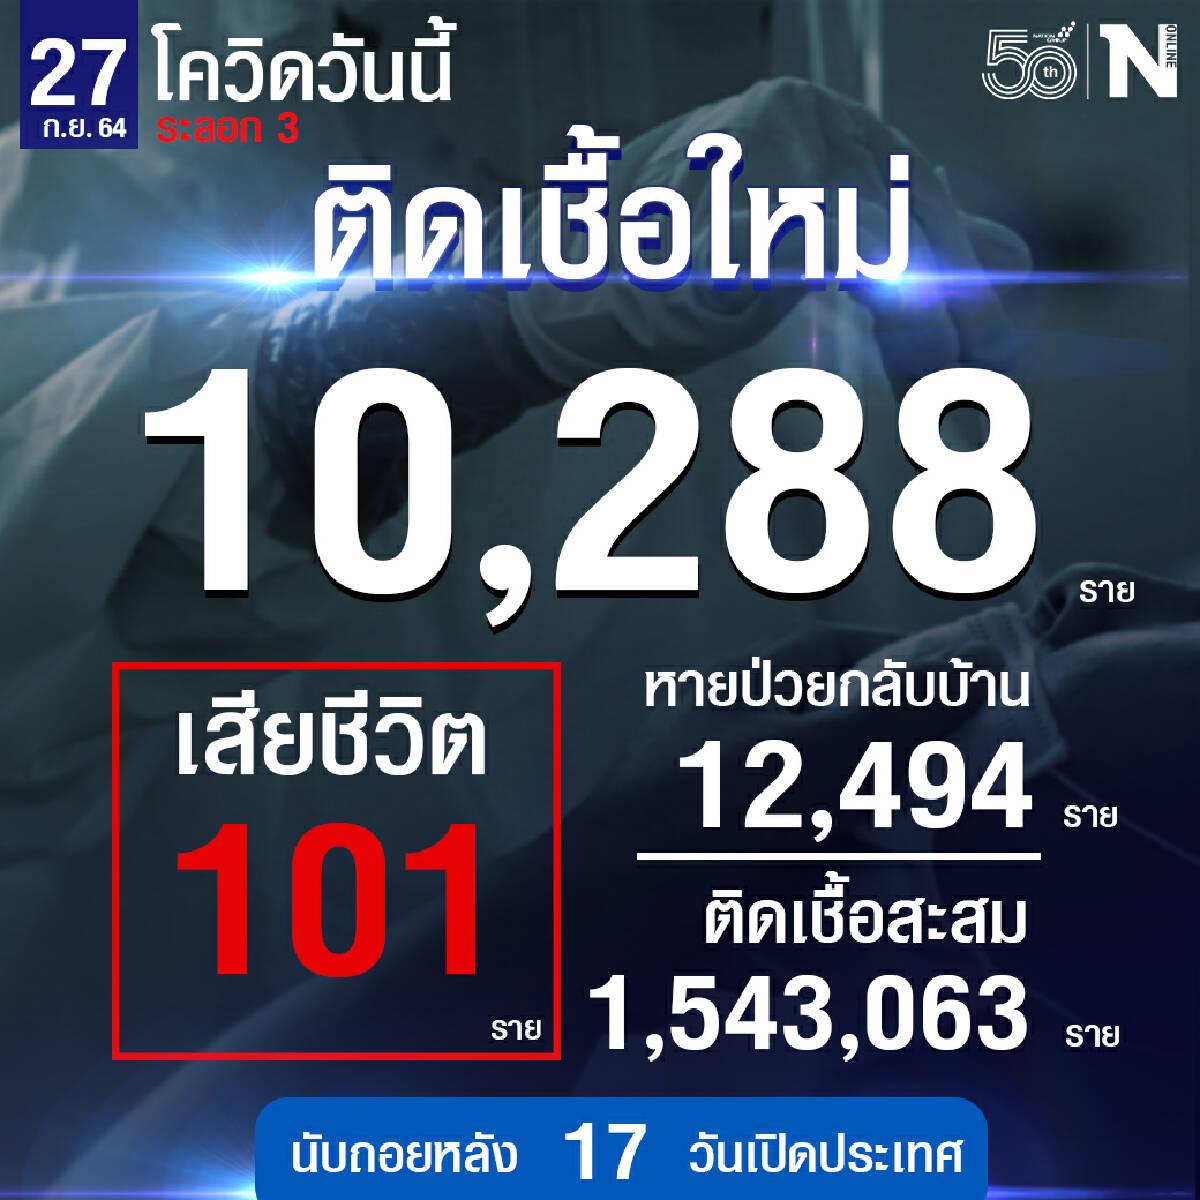 ผู้ติดเชื้อใกล้ต่ำหมื่น เสียชีวิตเกือบต่ำ 100 วันนี้ 10,288 ดับ 101 ราย